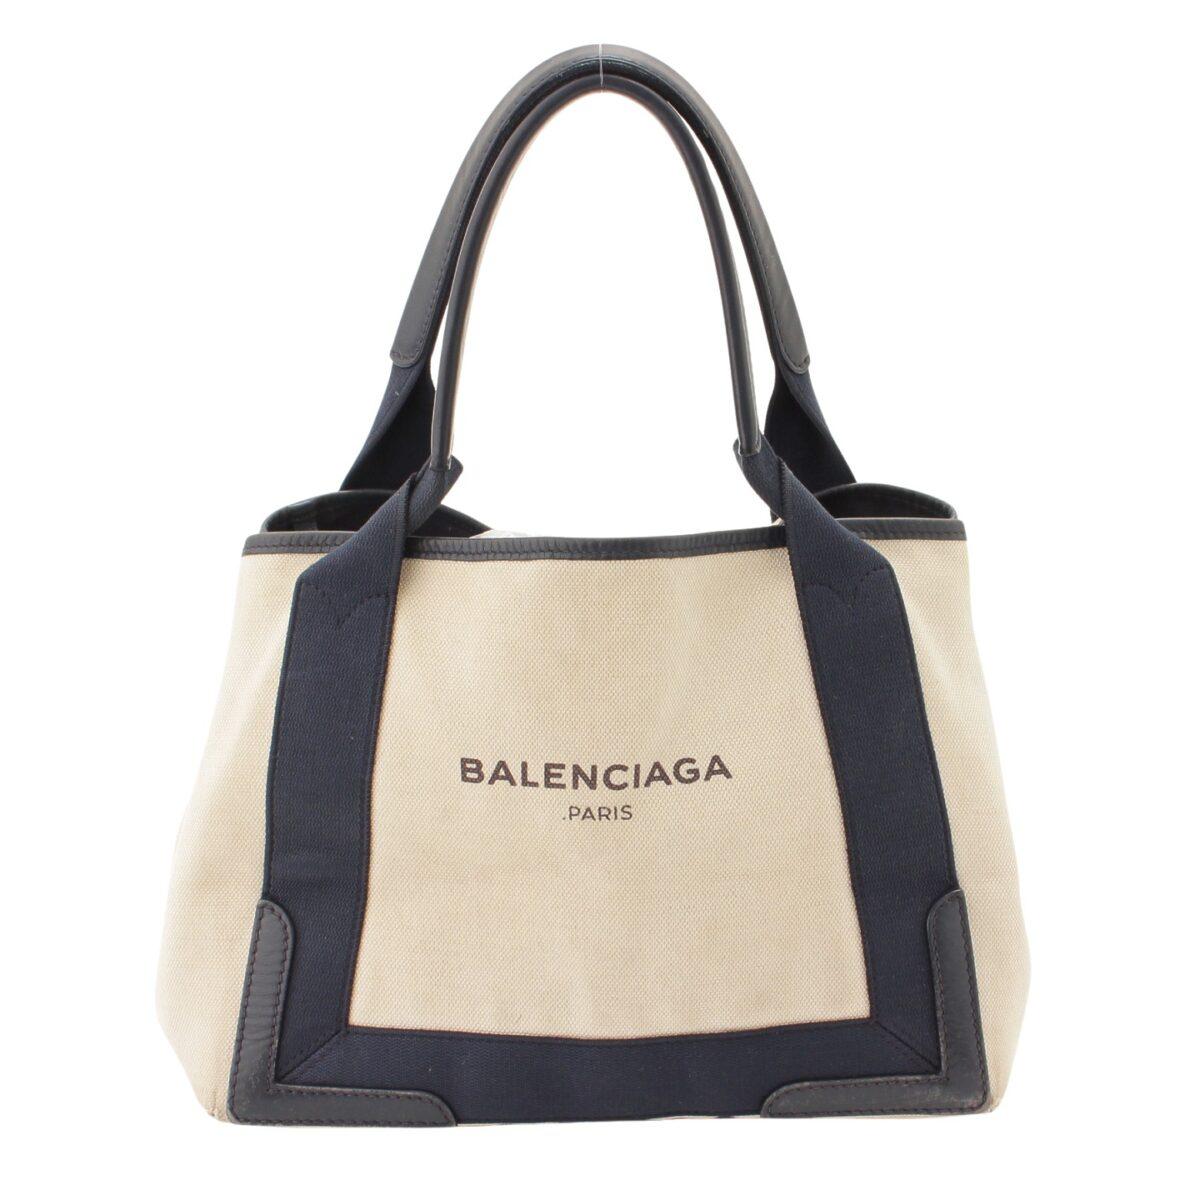 バレンシアガ カバス キャンバス トートバッグ